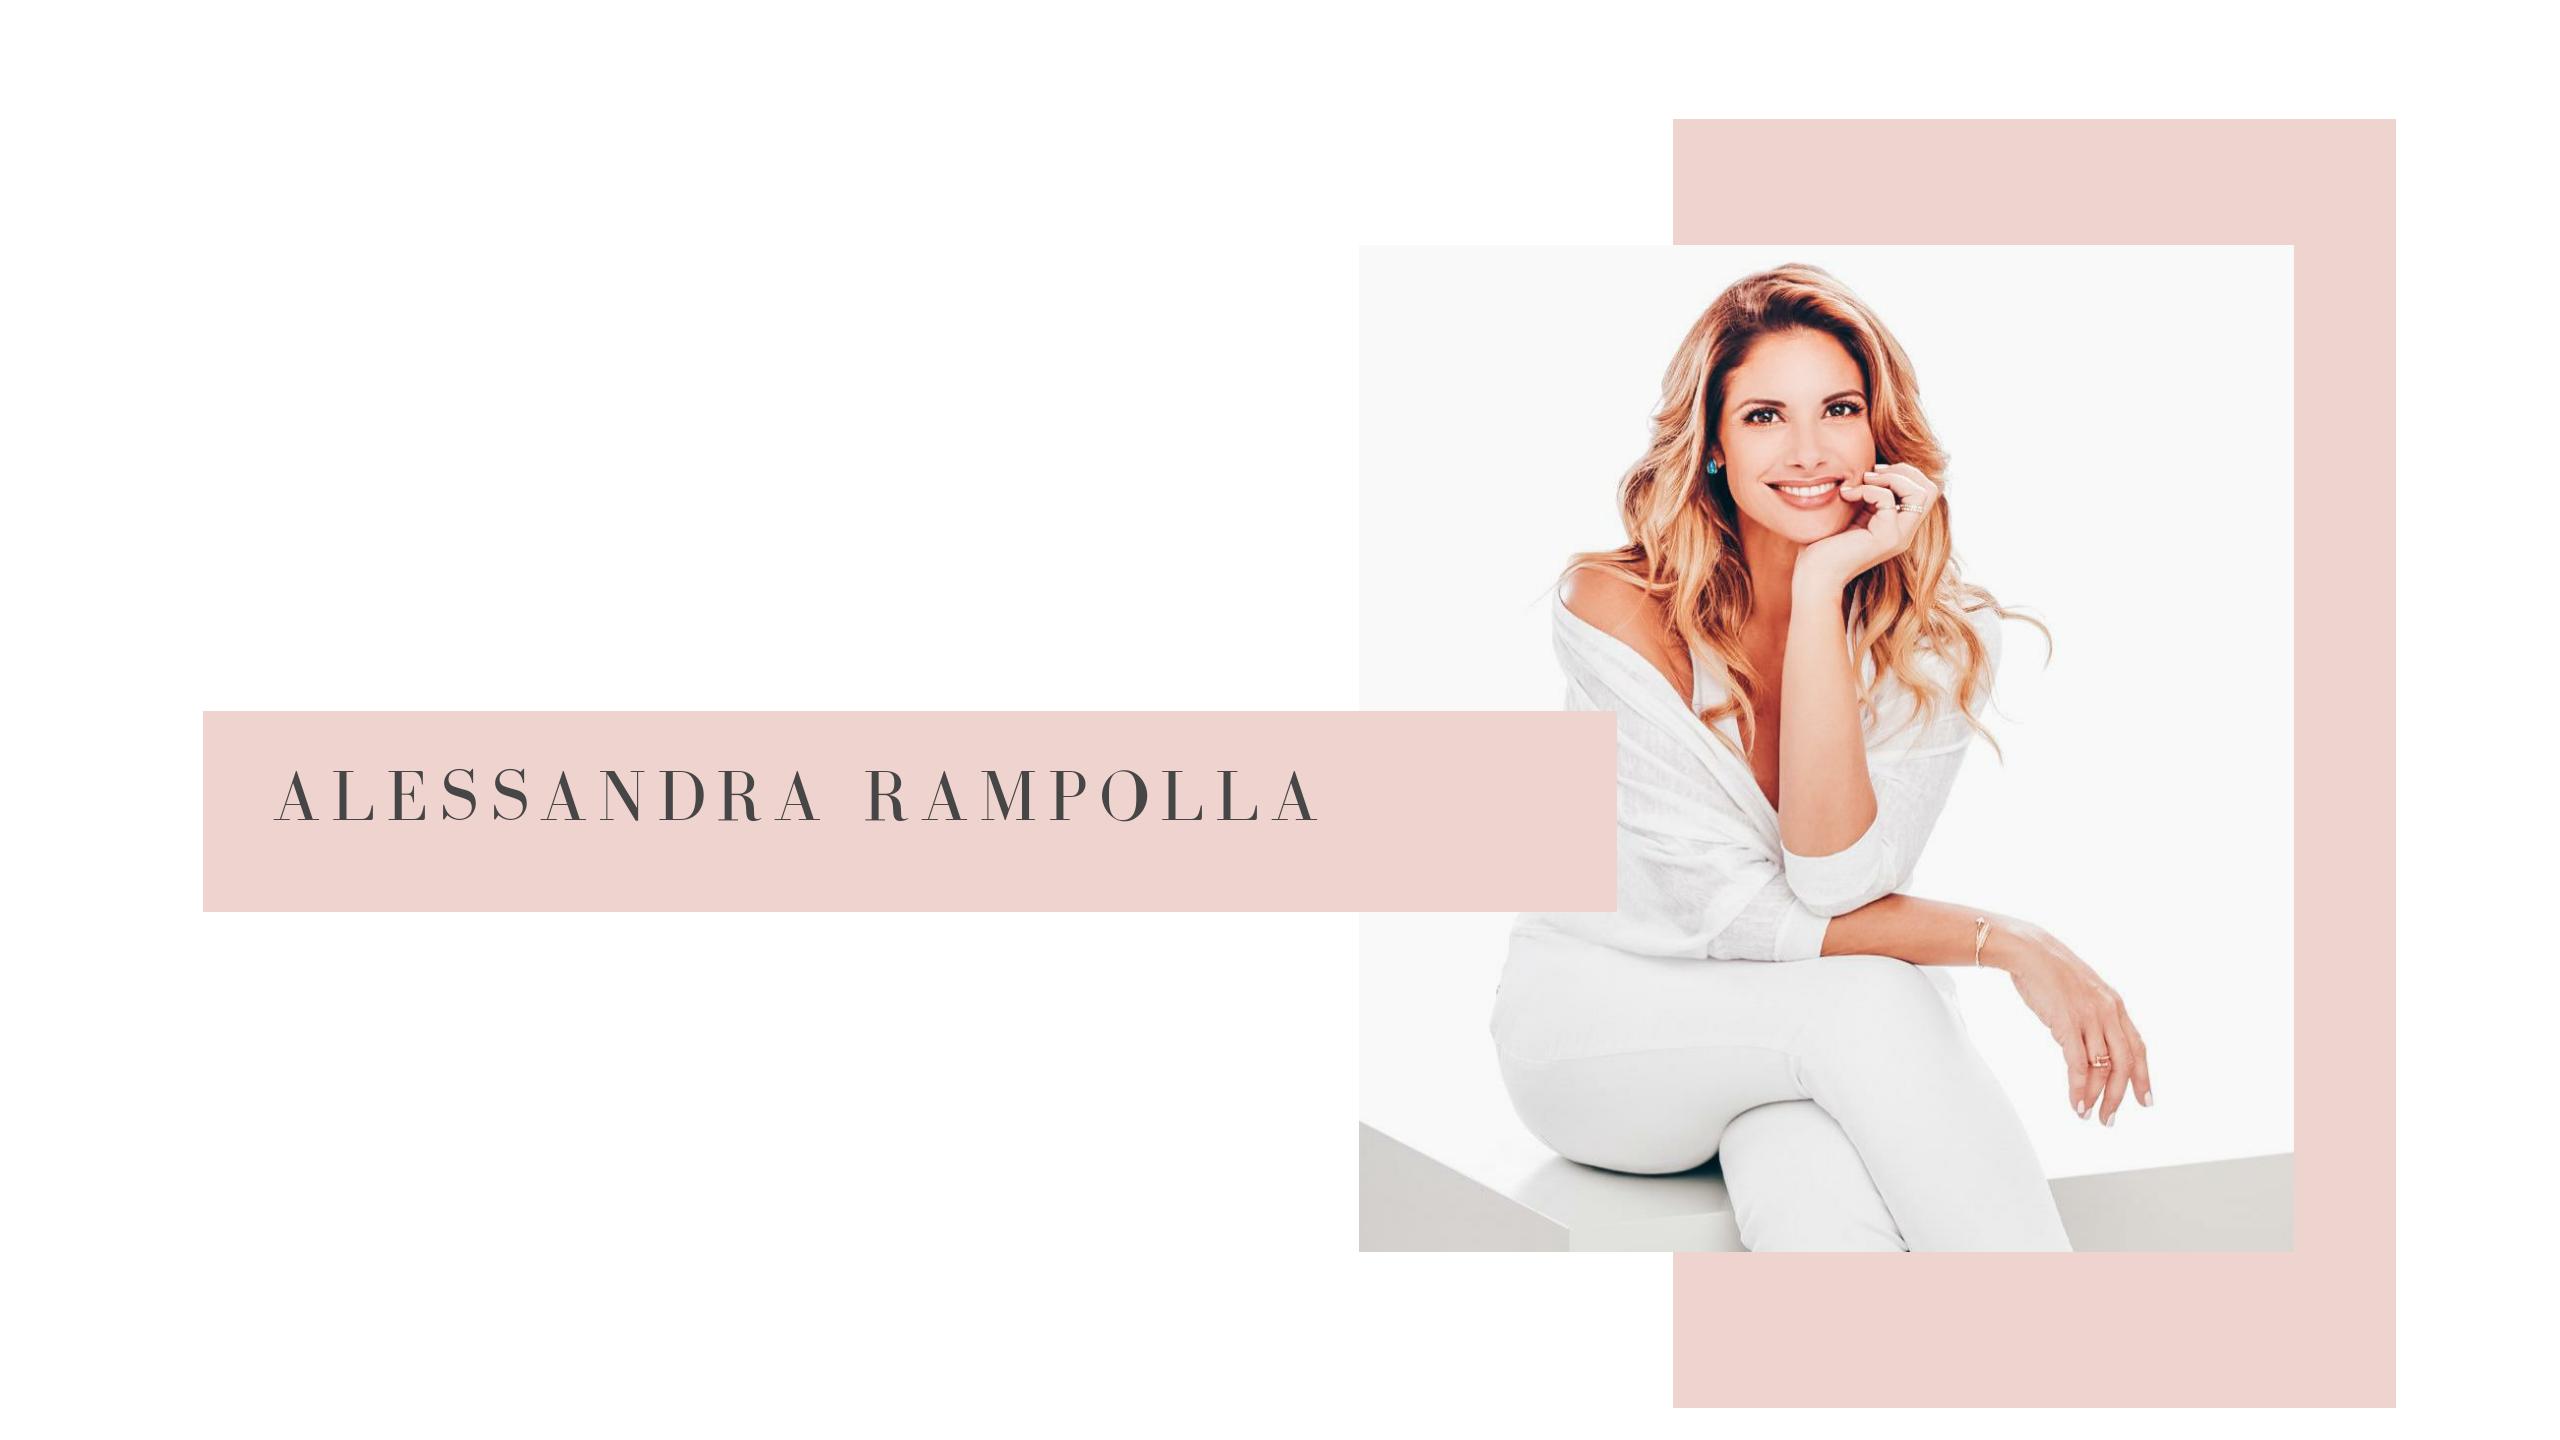 Reviví el programa 21 con Alessandra Rampolla